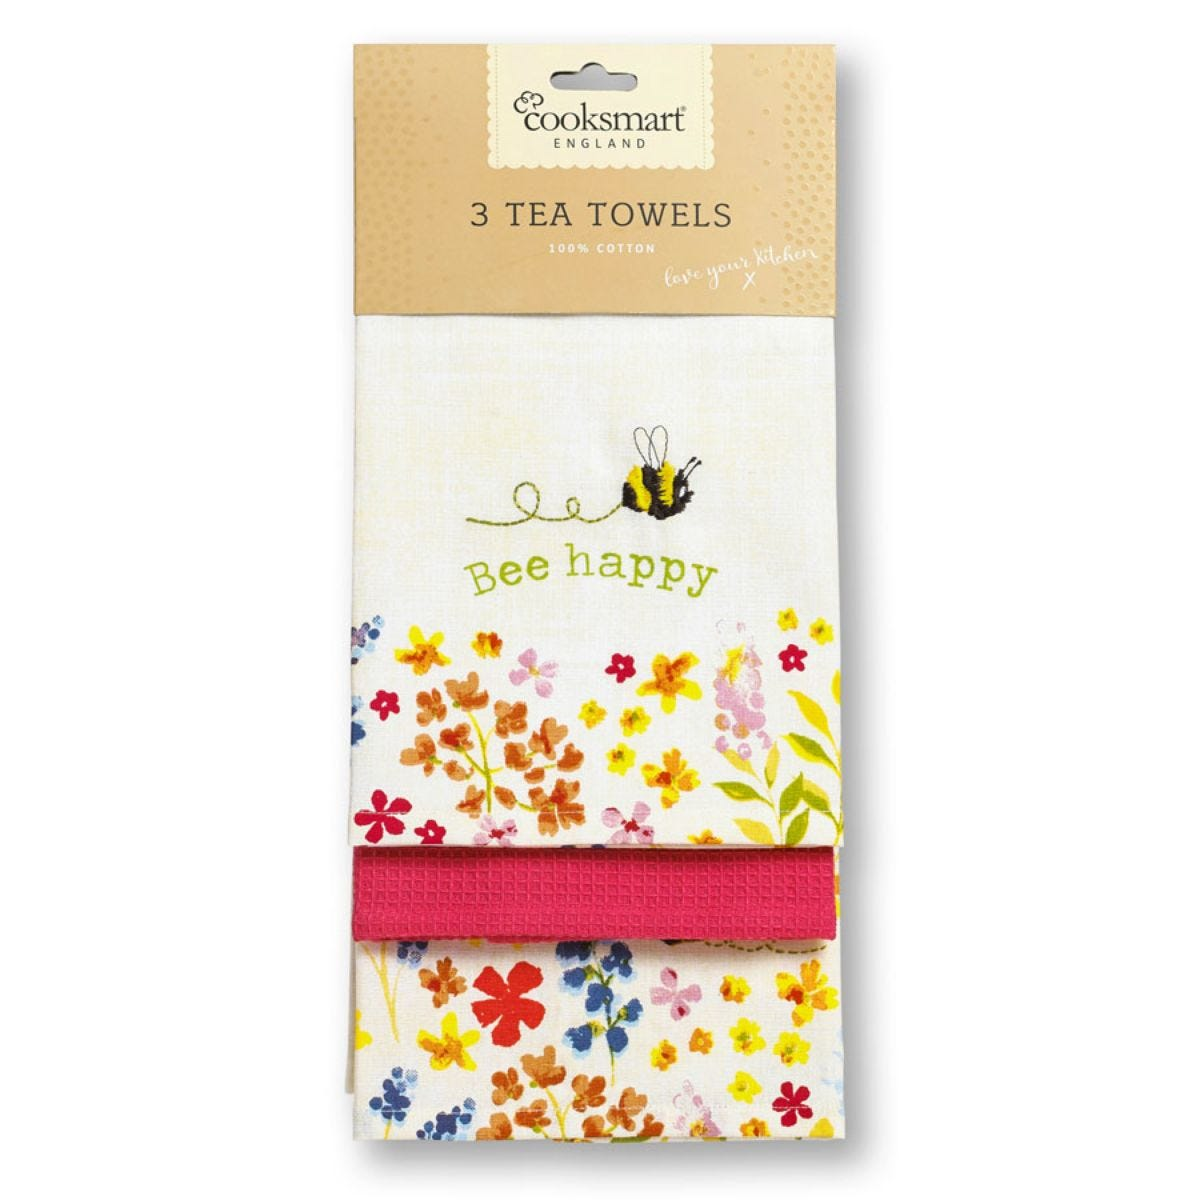 Cooksmart Bee Happy Tea Towels – 3 Pack